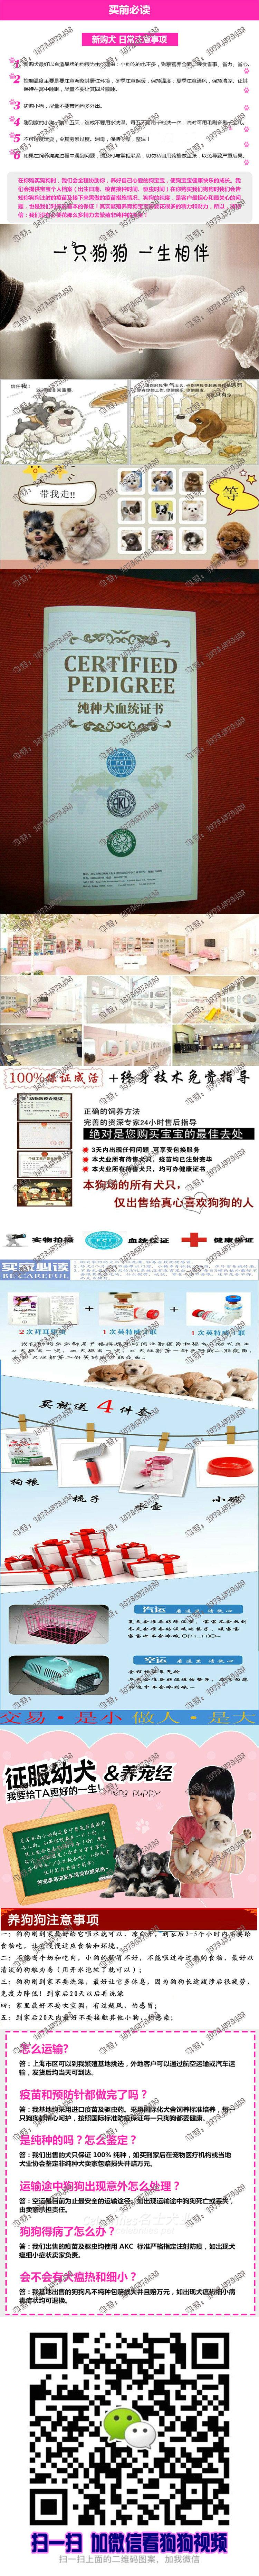 纯种西施犬,韩国引进种犬,诚心想买的联系